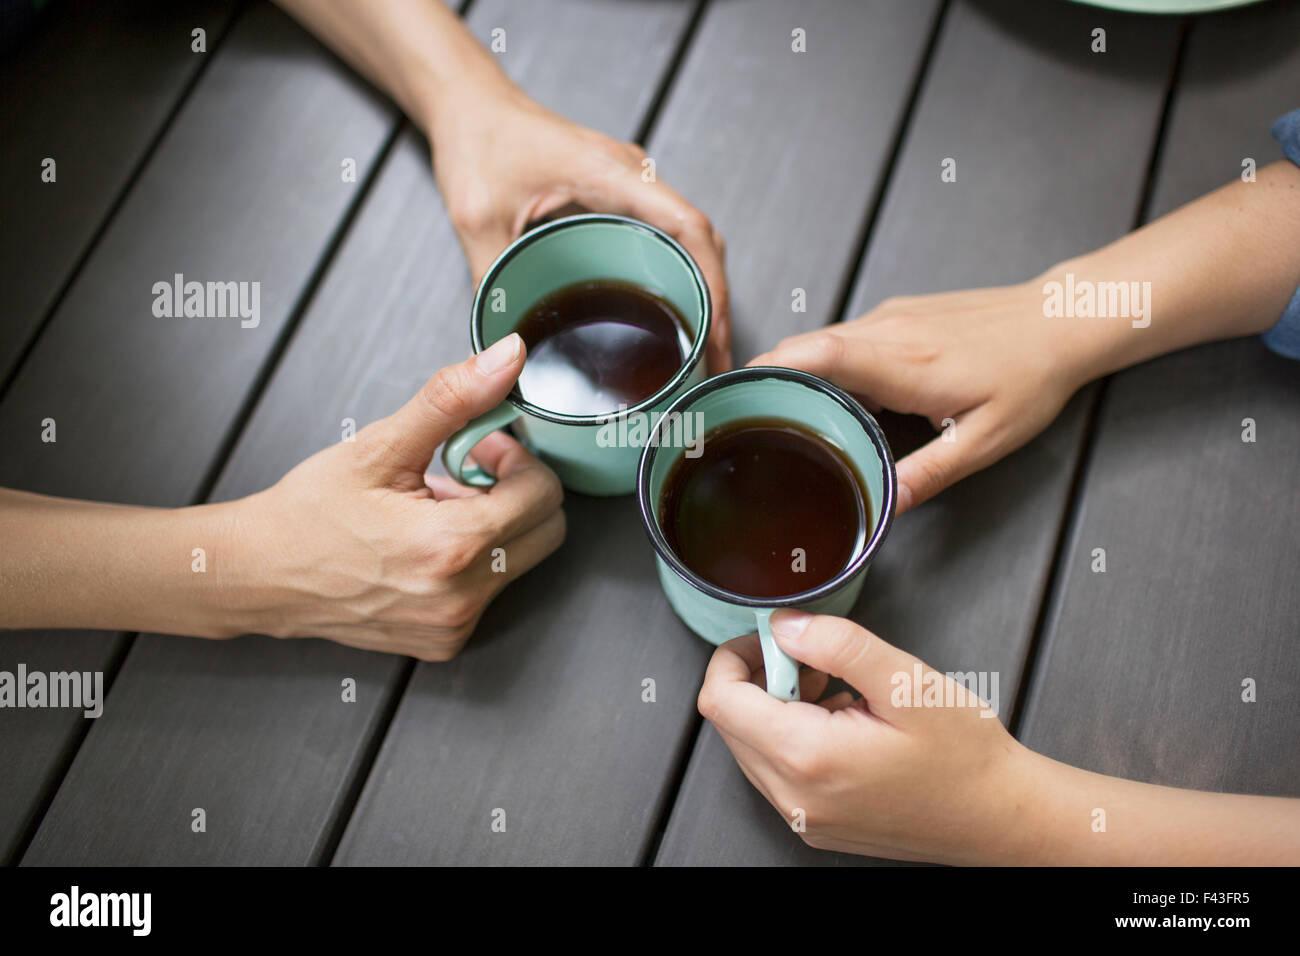 Deux personnes assises à une table, boire du café, vue de dessus). Photo Stock